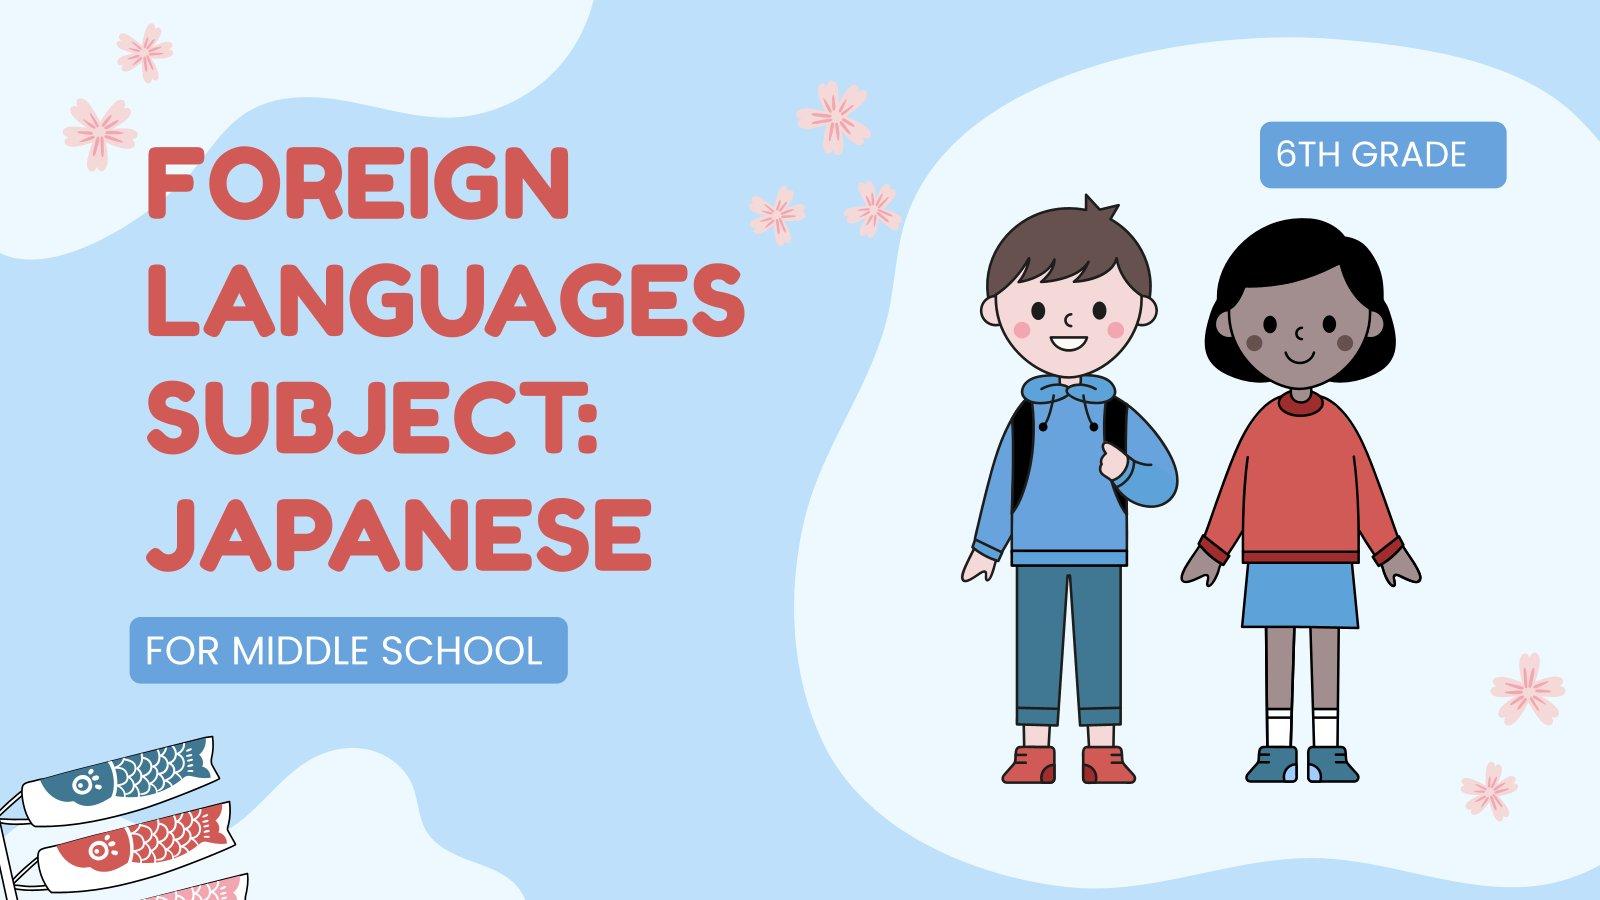 Fremdsprache für die Grundschule: Japanisch Präsentationsvorlage